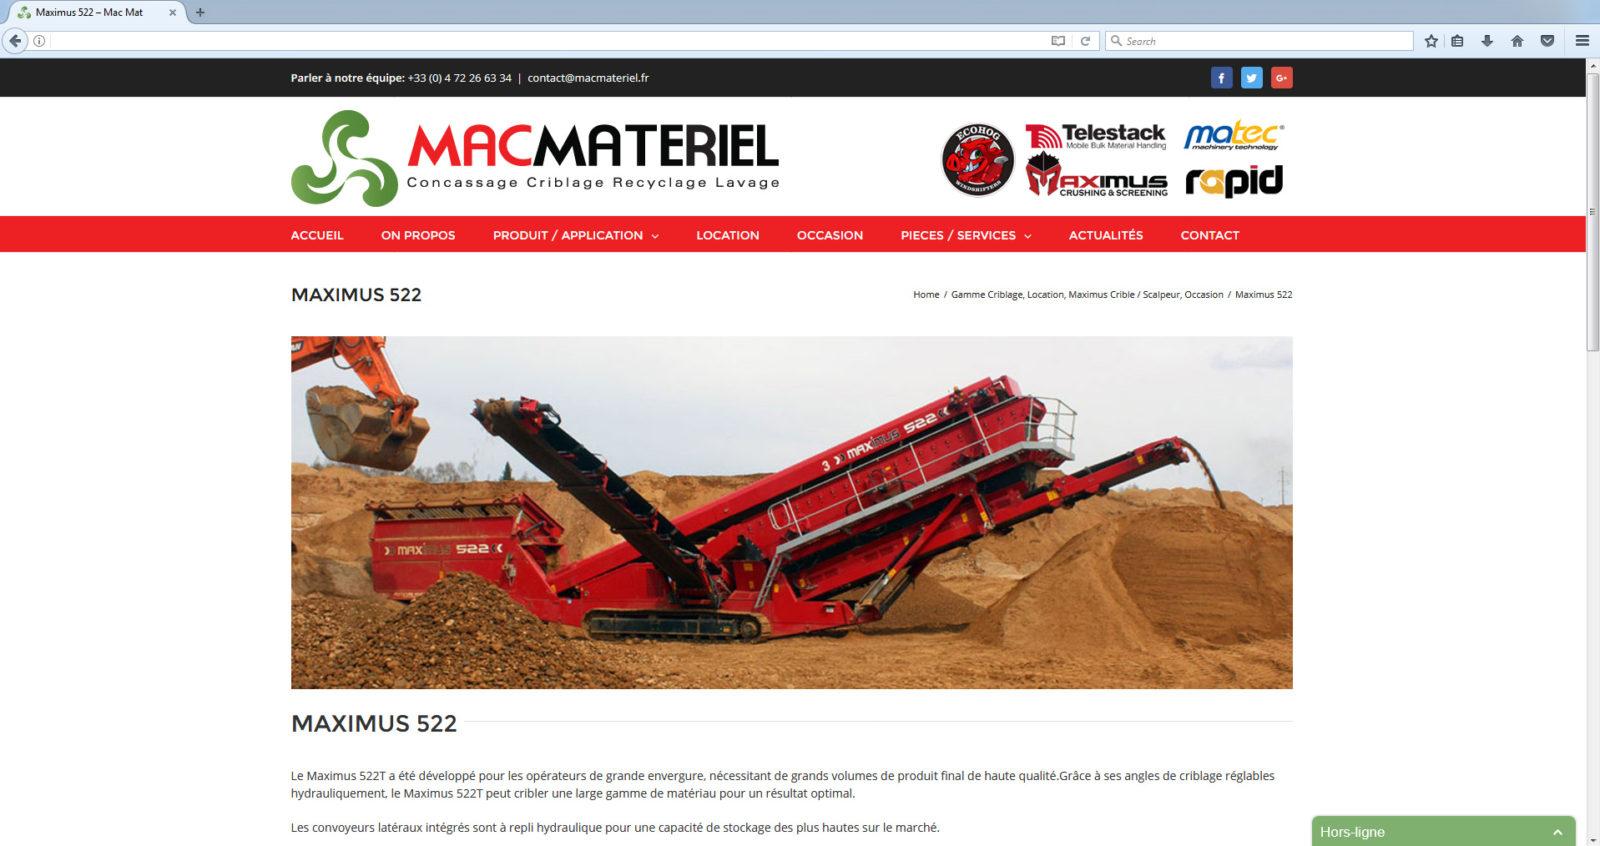 Nouveau site Web MACMATERIEL